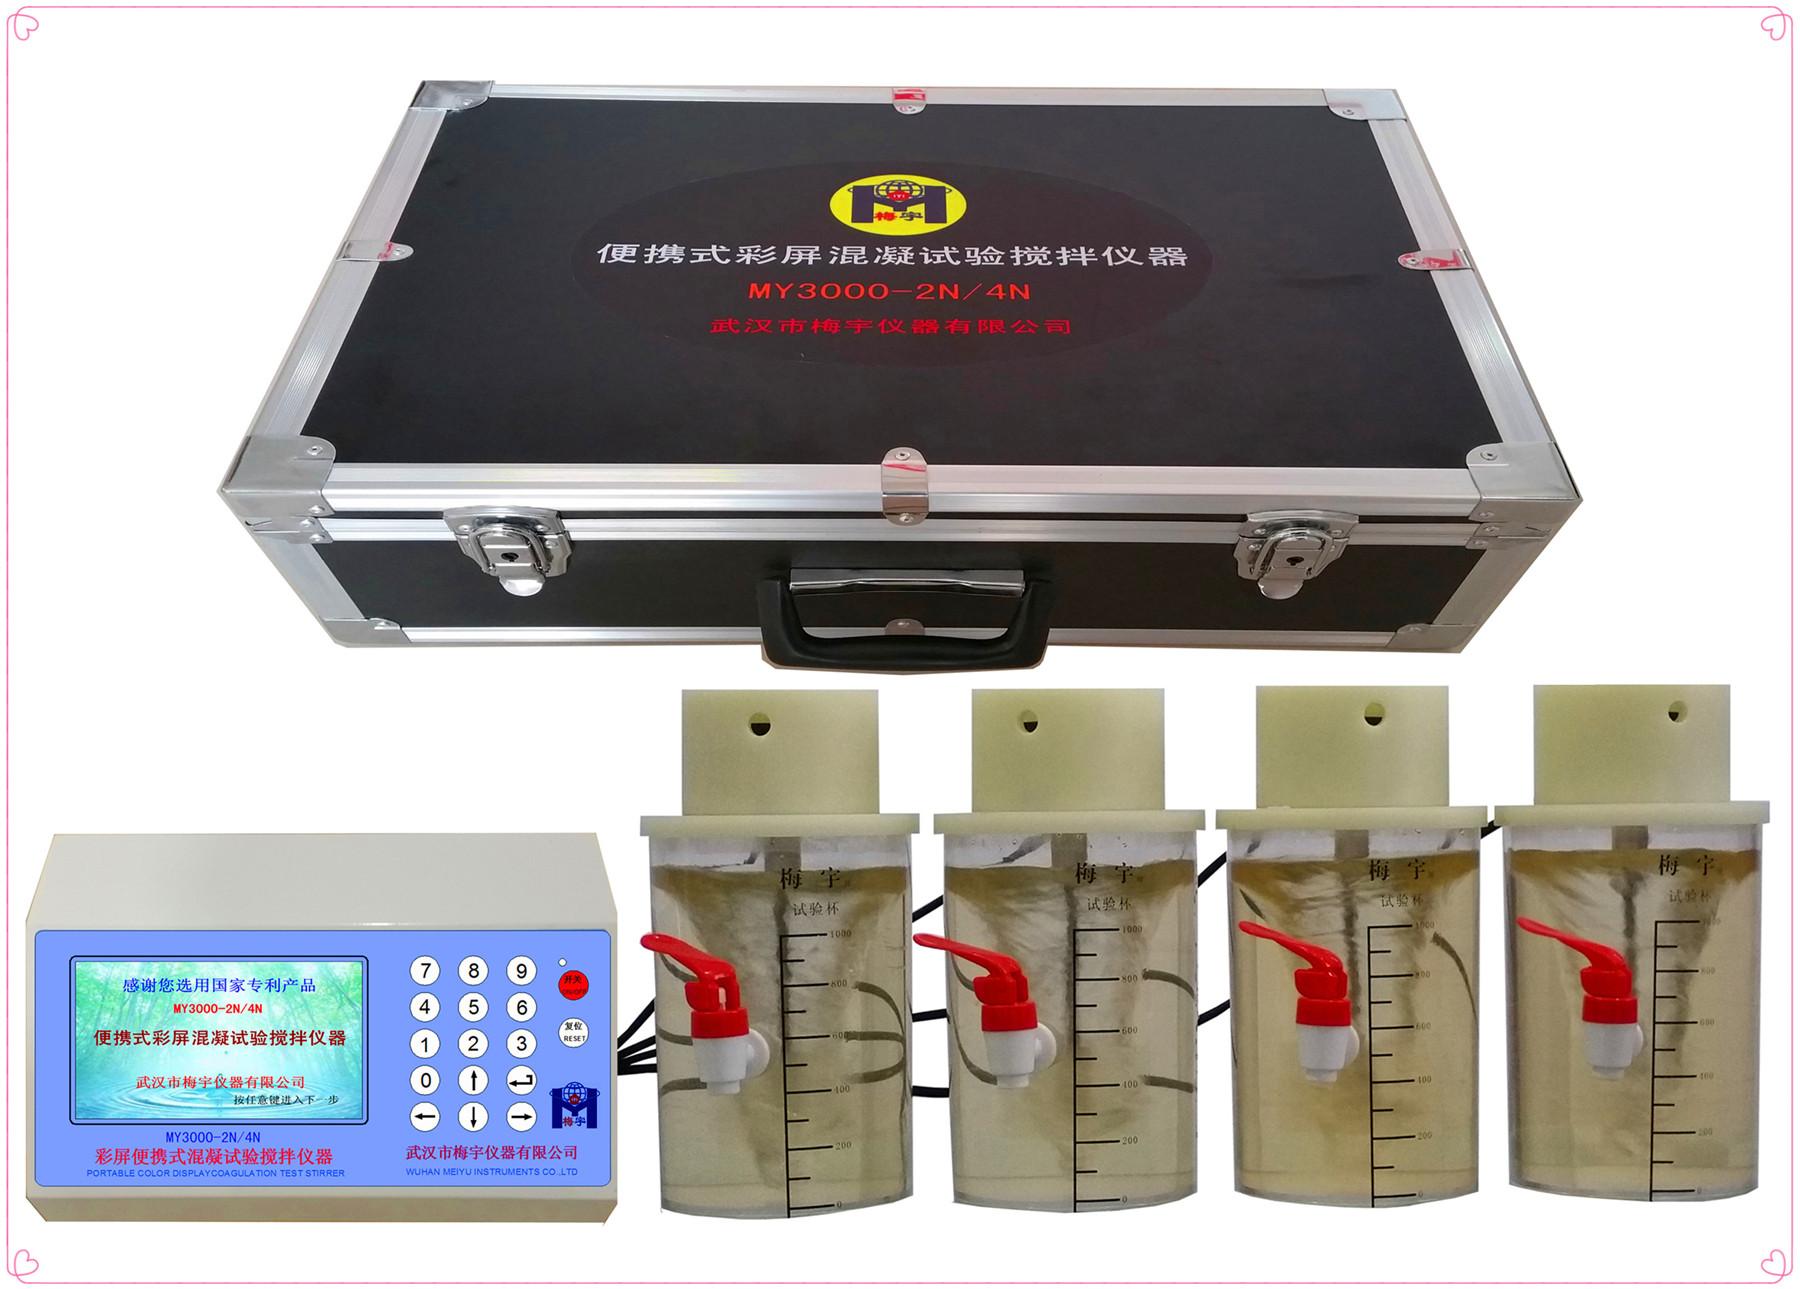 """中国首款便携式彩屏混凝试验搅拌器在""""广州分析测试展""""亮相"""